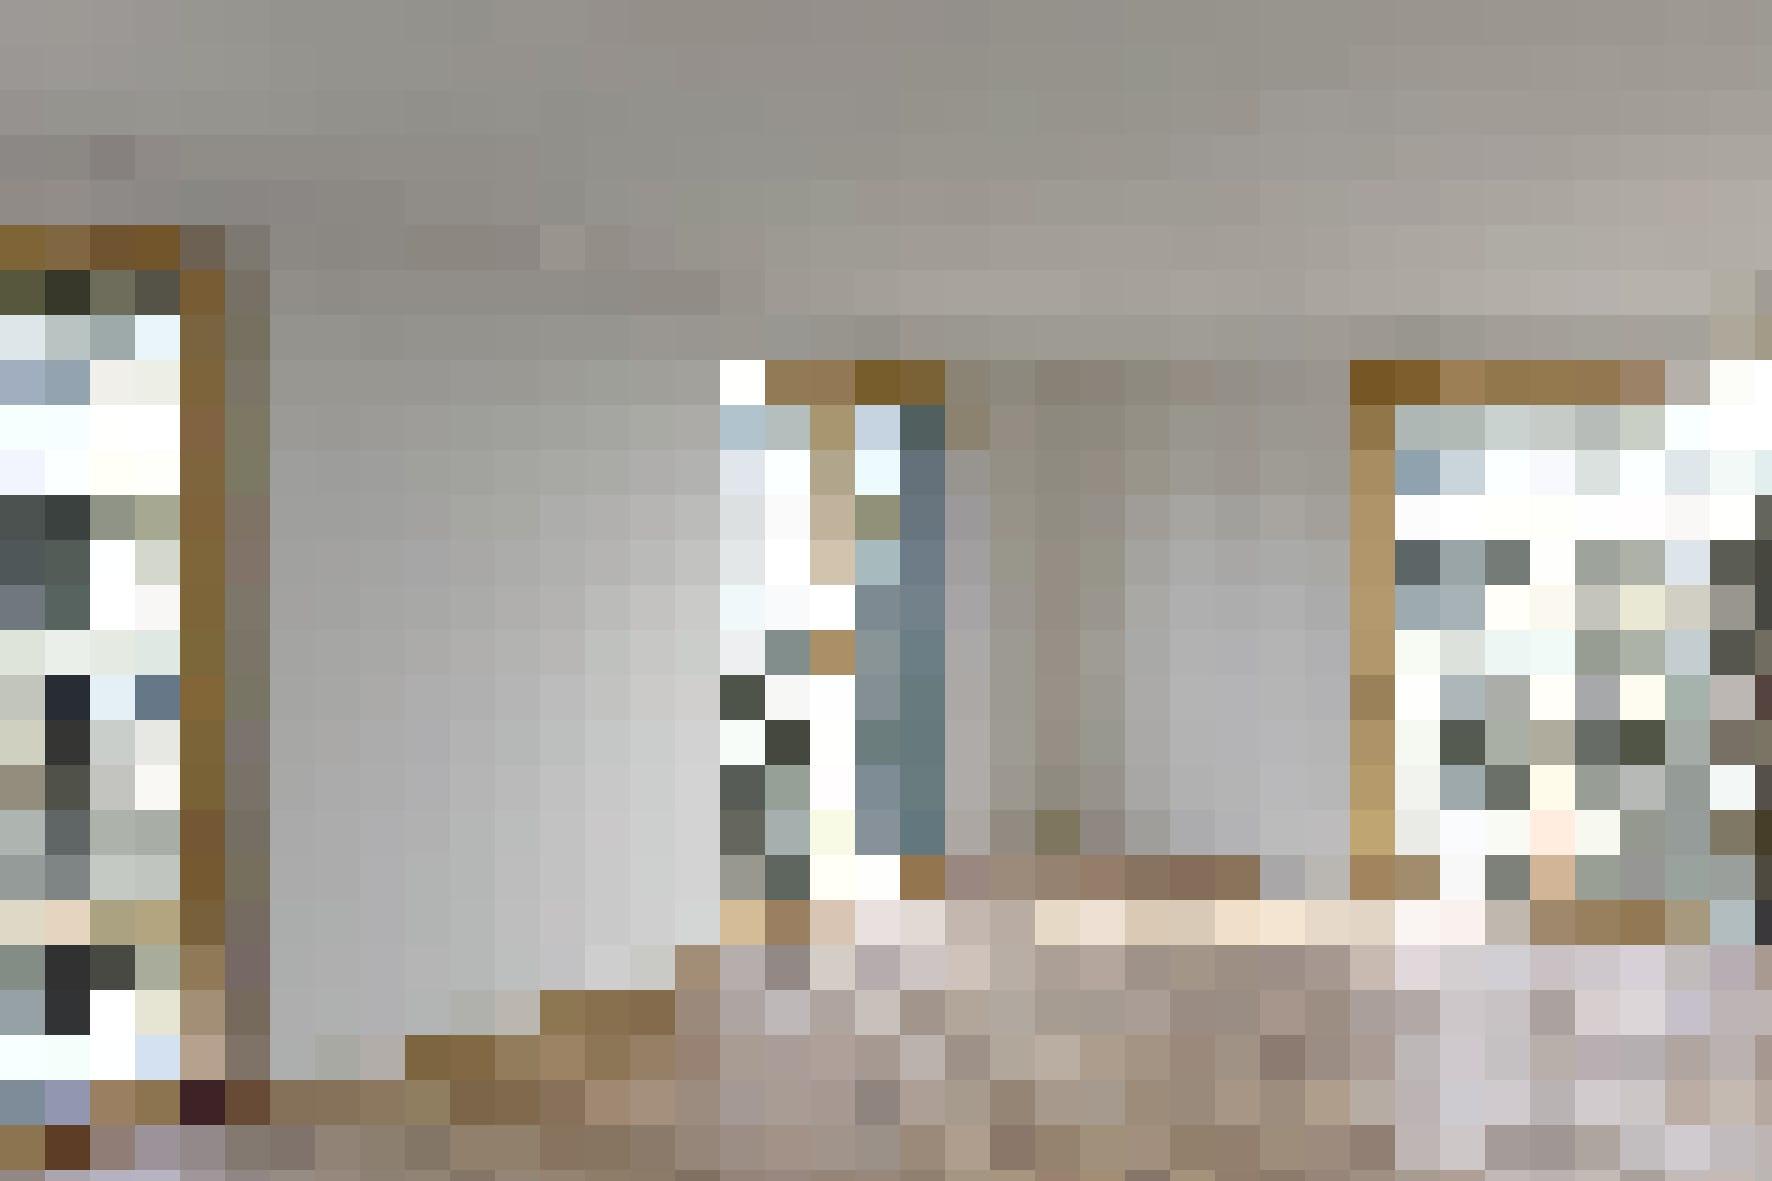 Le design et le confort sont le signe distinctif des fenêtres en bois-métal, qui en font de précieuses alliées des logements suisses.